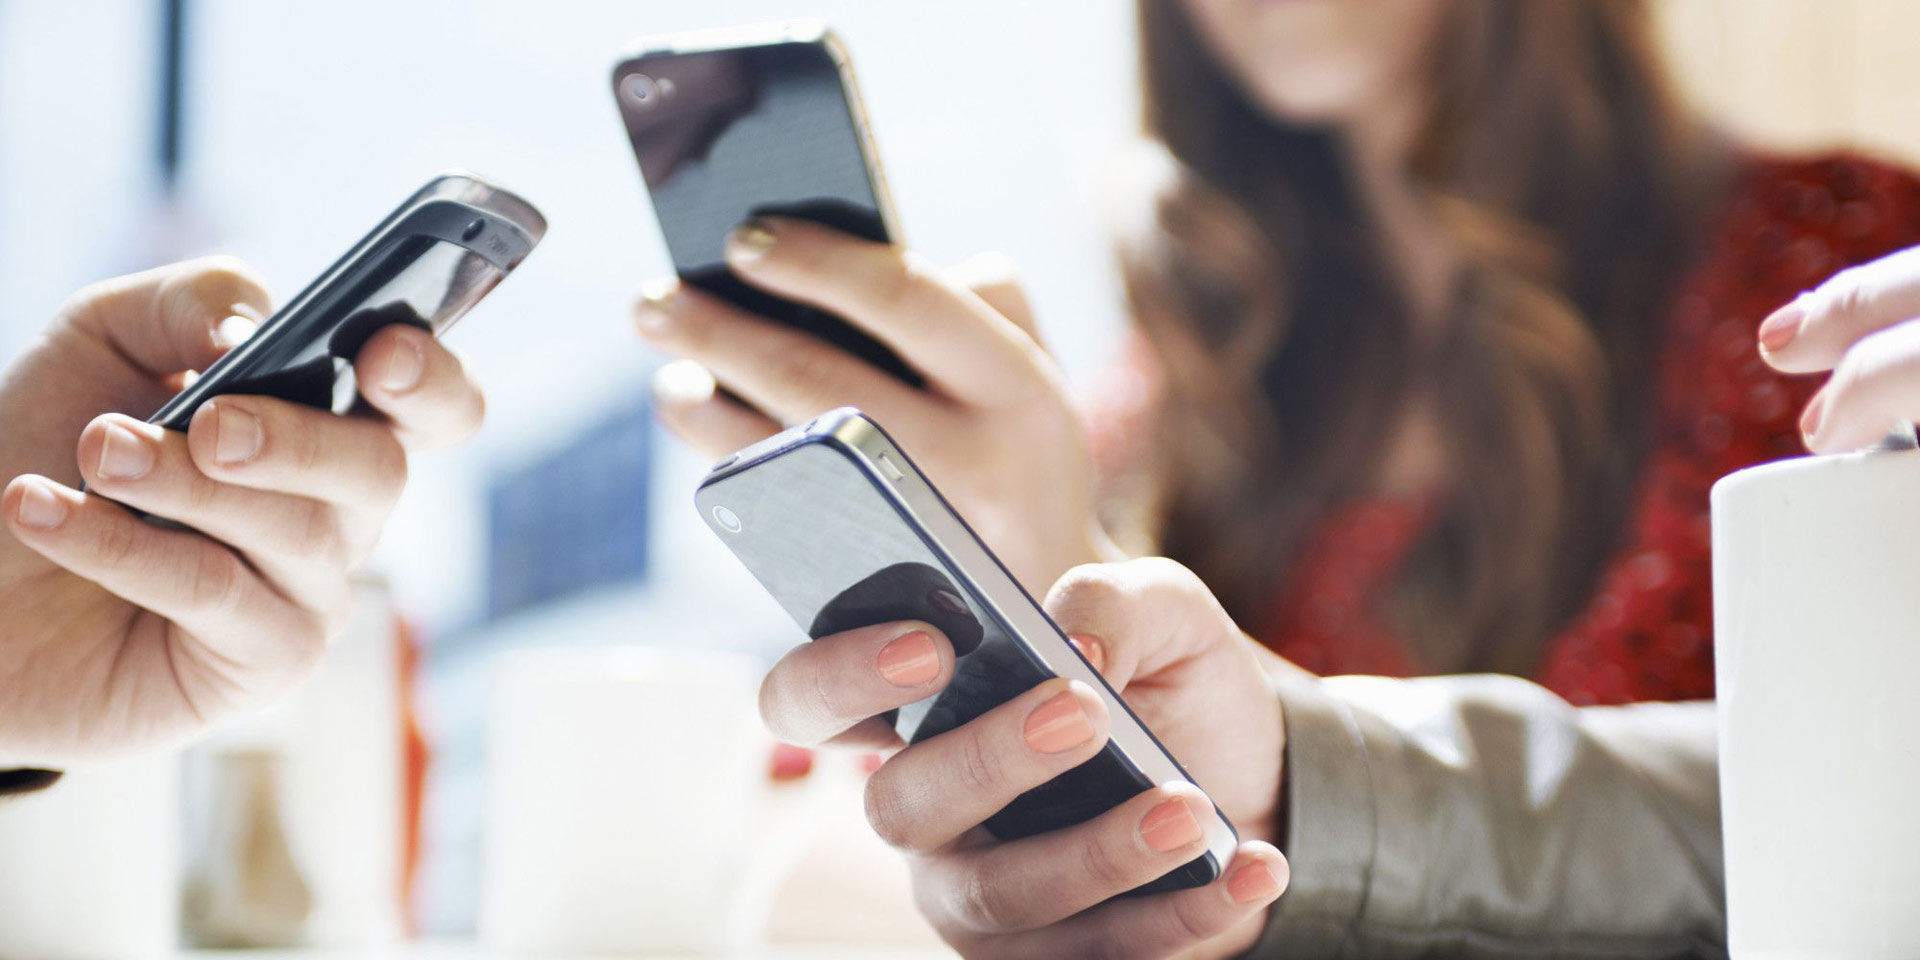 Бесплатный вебинар: Как создать поток клиентов на 100 000 рублей из социальных сетей в малый бизнес за 3 дня